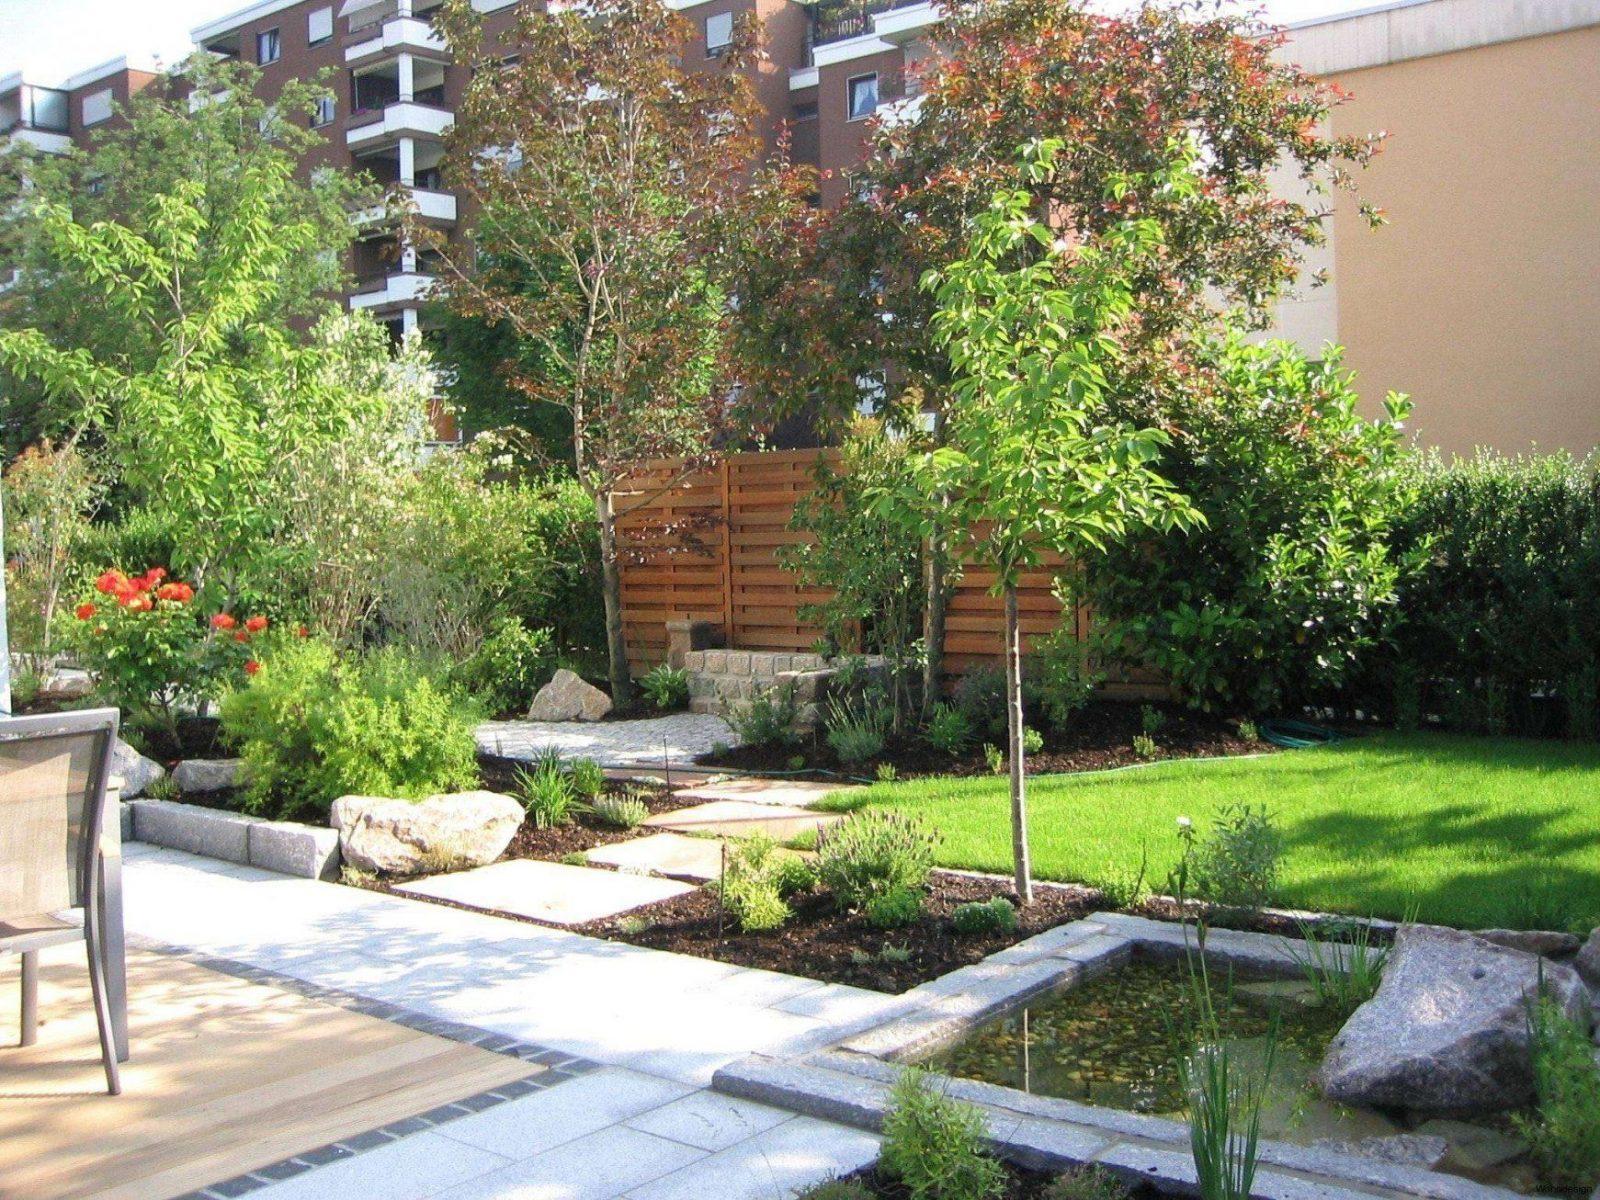 Schön Gärten Modern Von Gartenideen Für Kleine Gärten Schema von Gartengestaltung Kleine Gärten Ohne Rasen Bild